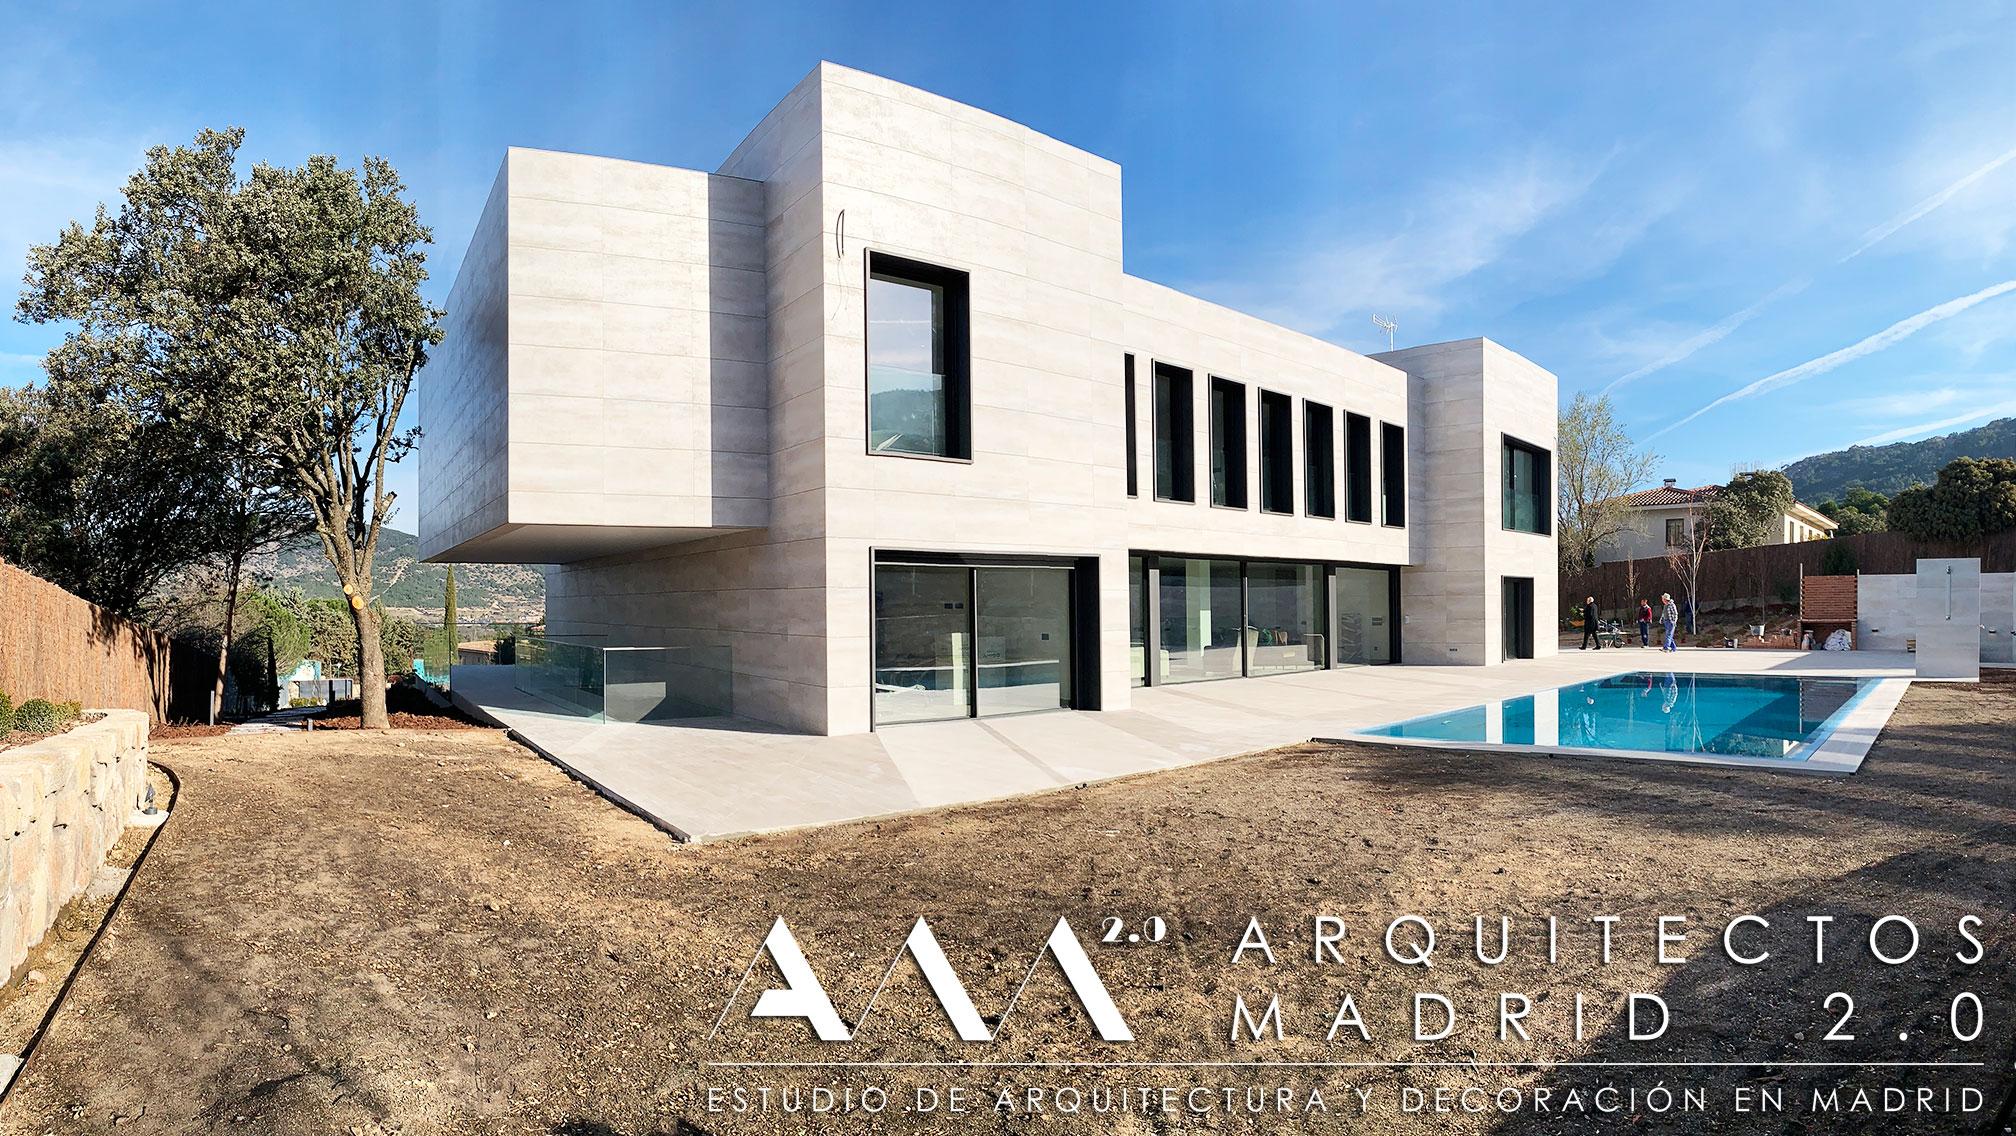 construccion-reformas-integrales-casas-viviendas-unifamiliares-arquitectos-madrid